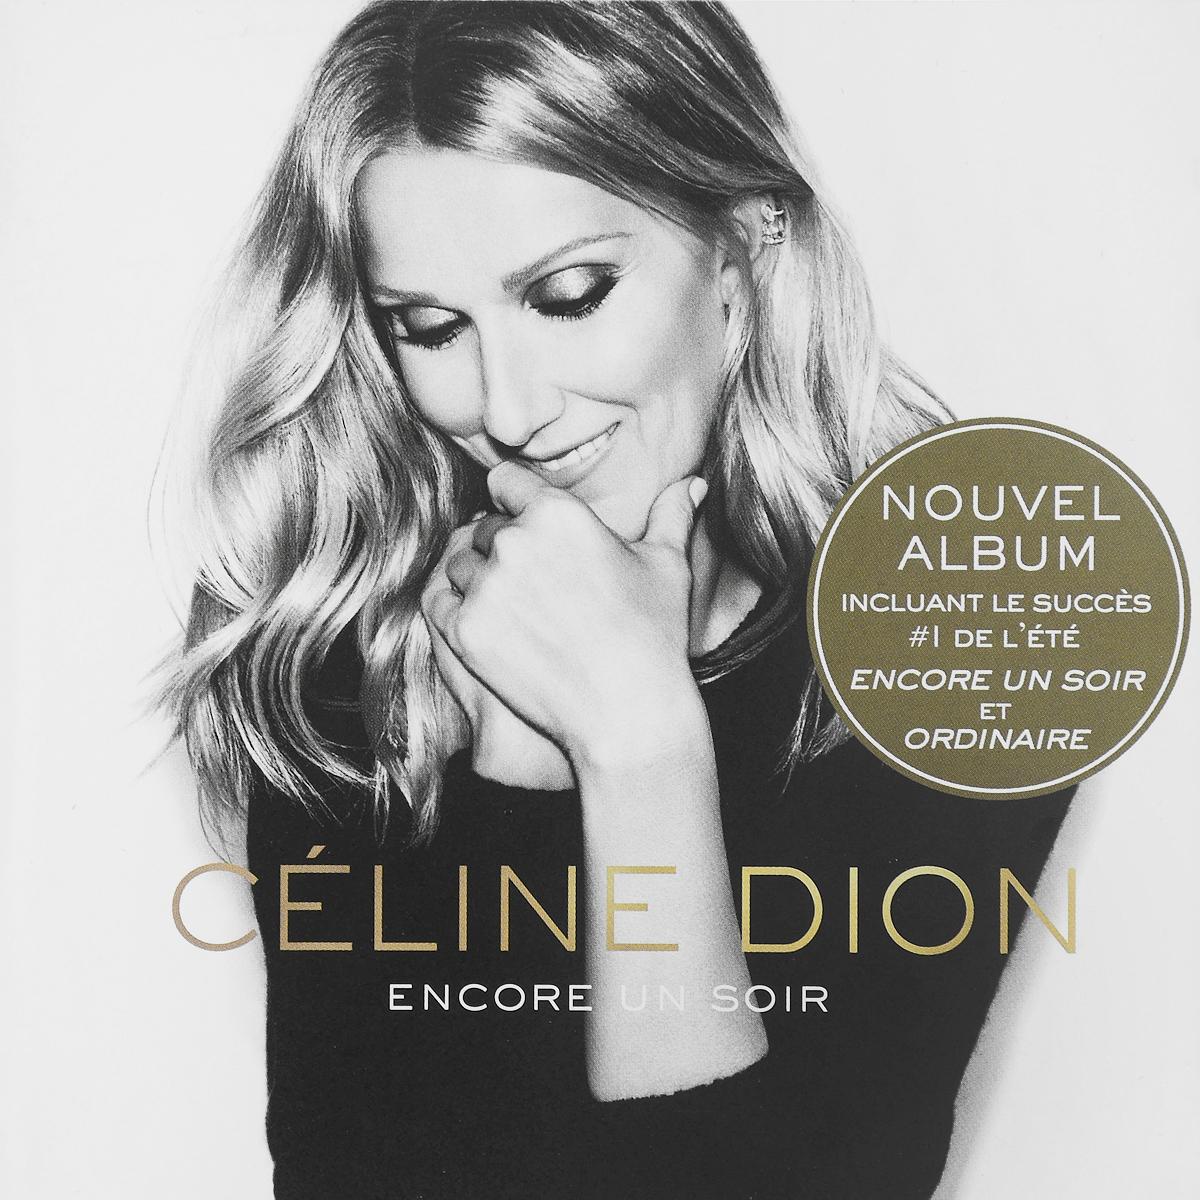 Издание содержит 28-страничный буклет с фотографиями и текстами песен на французском языке.